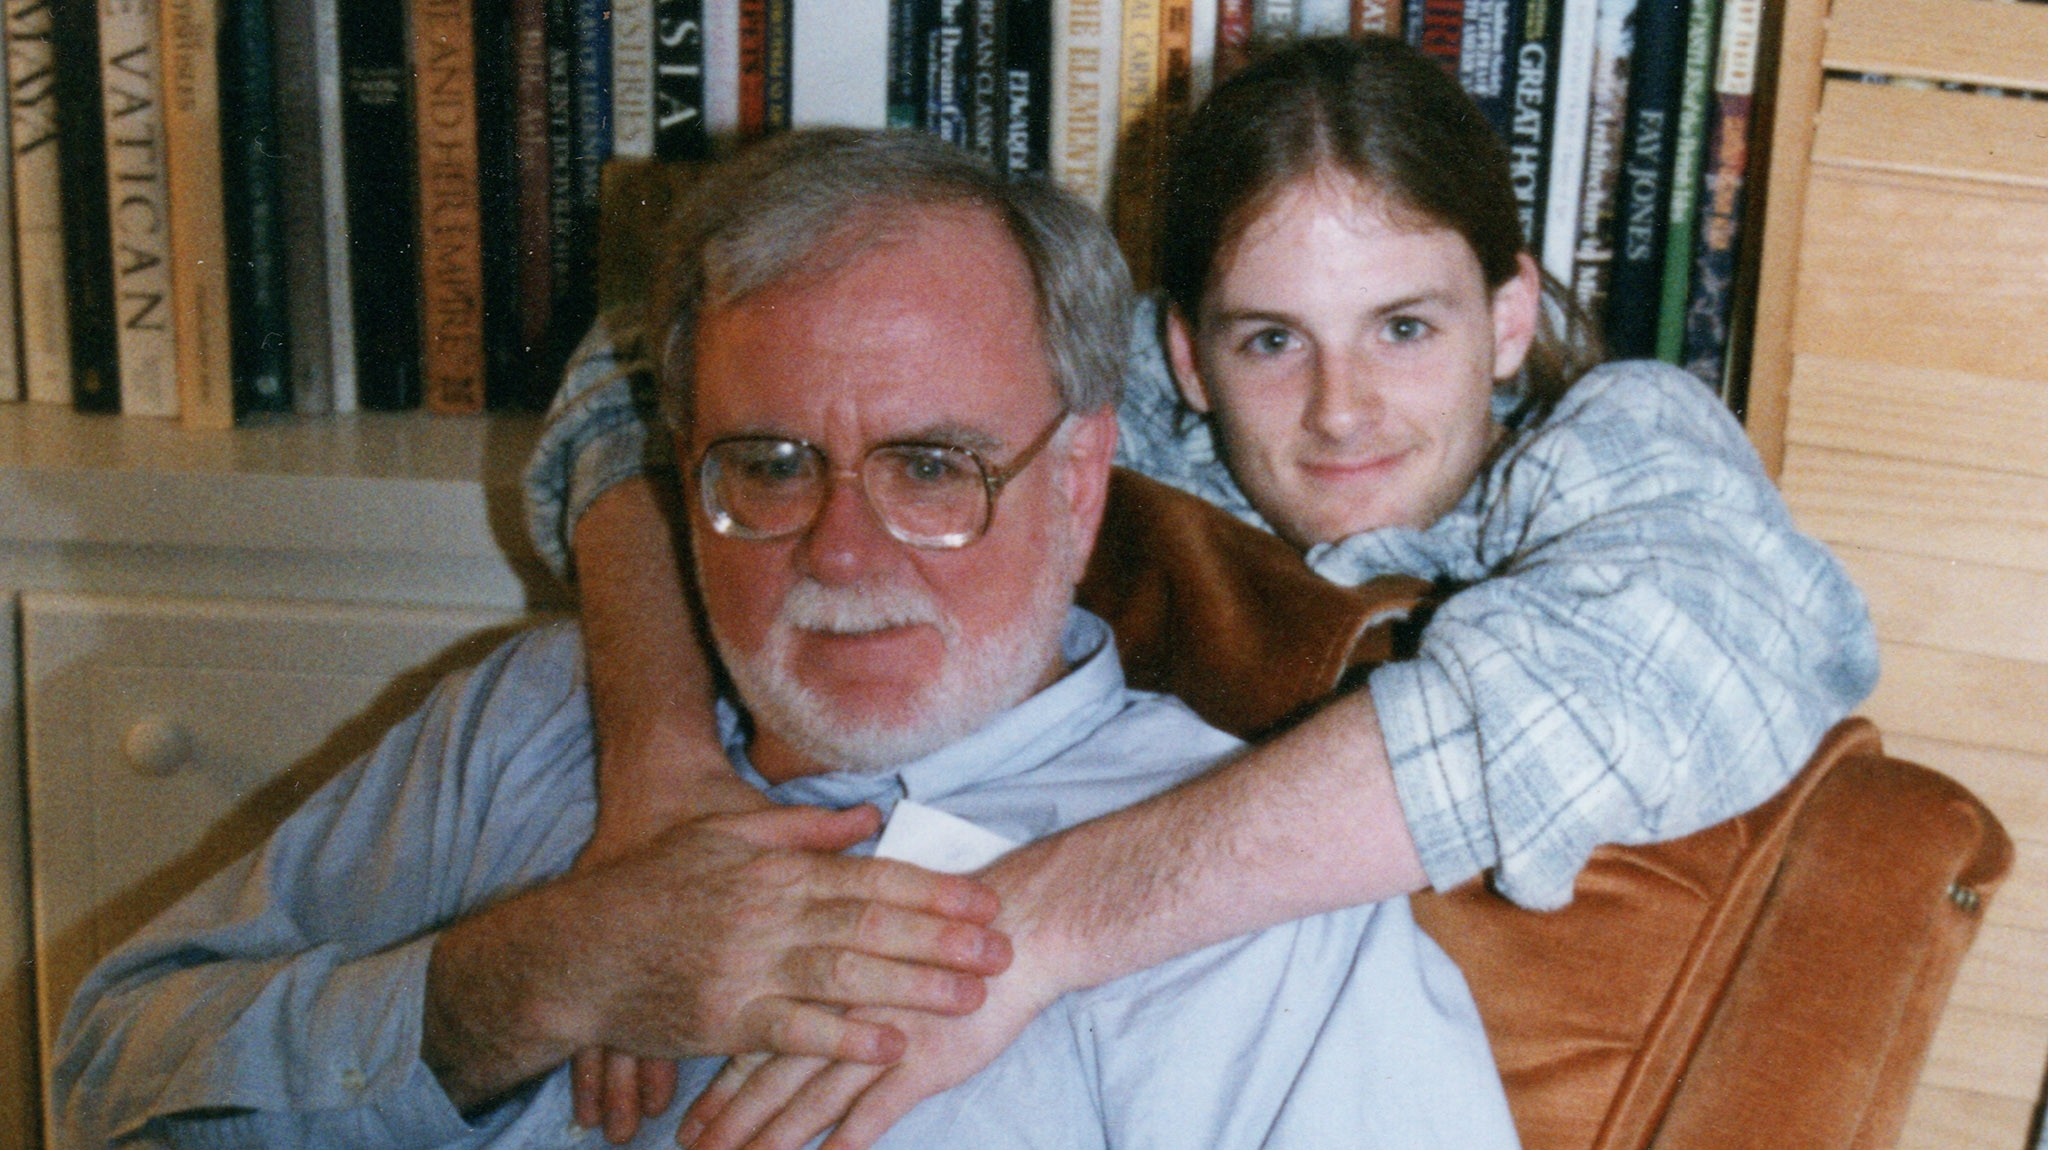 Morgan Martin, right, and his father, Benjamin Martin.